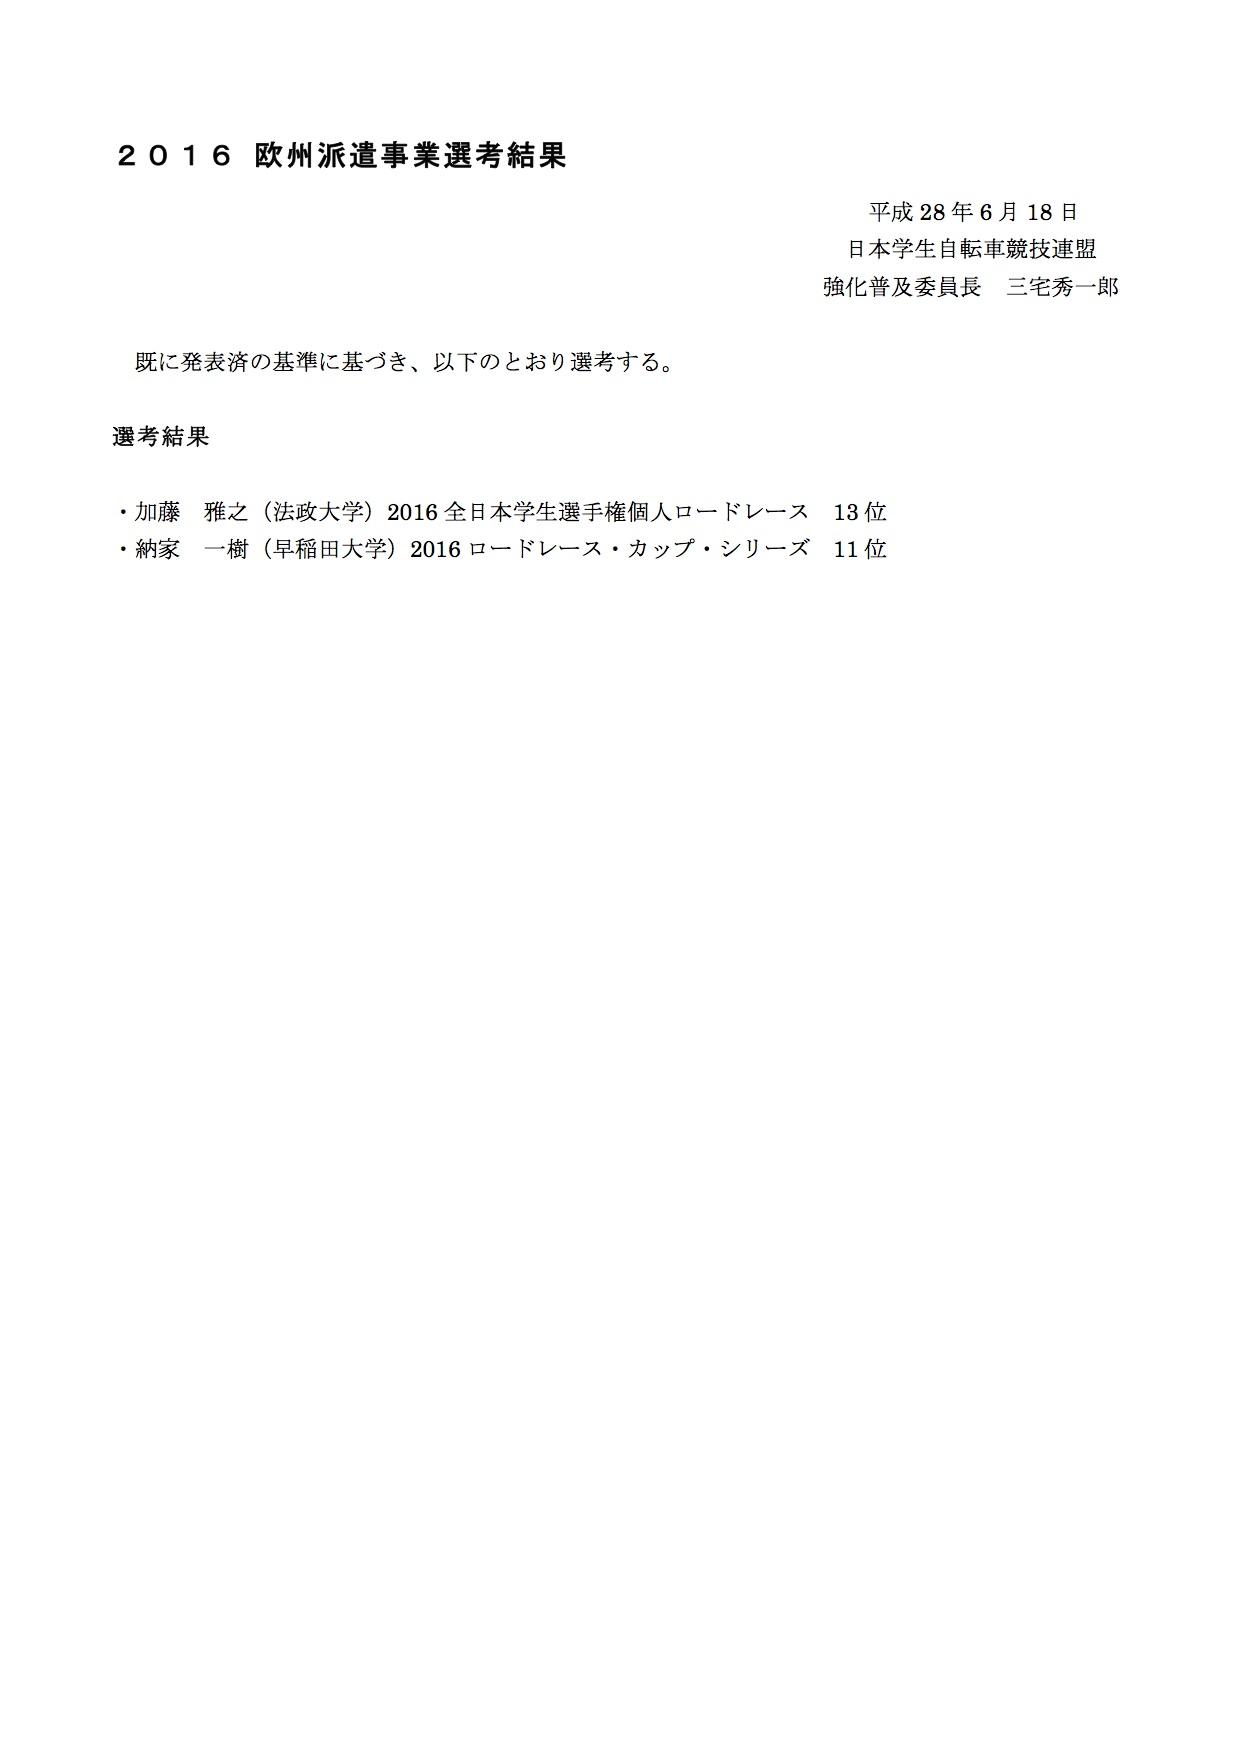 16oushuhaken_senkokekka_160618_01